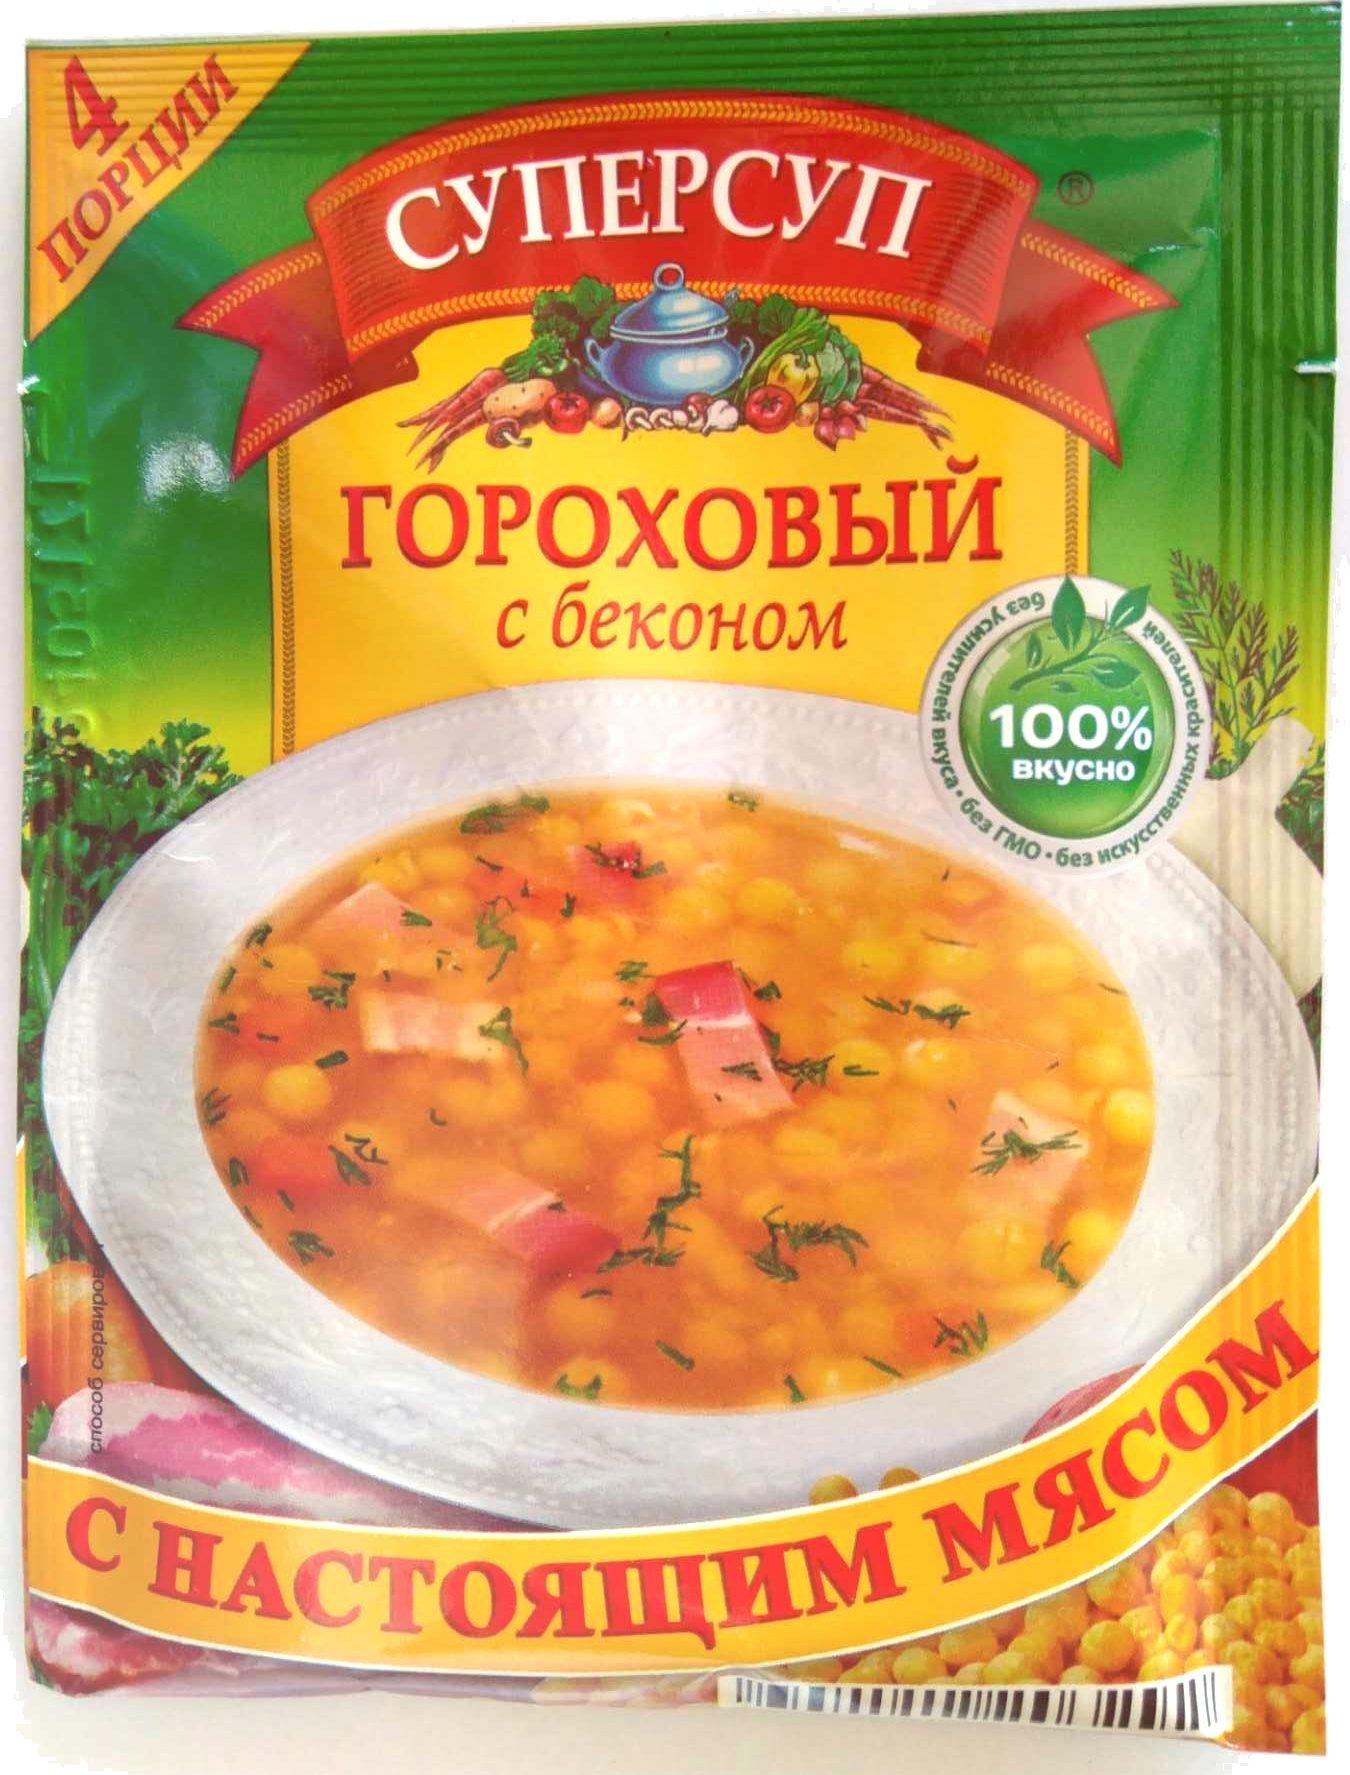 Гороховый с беконом - Produit - ru